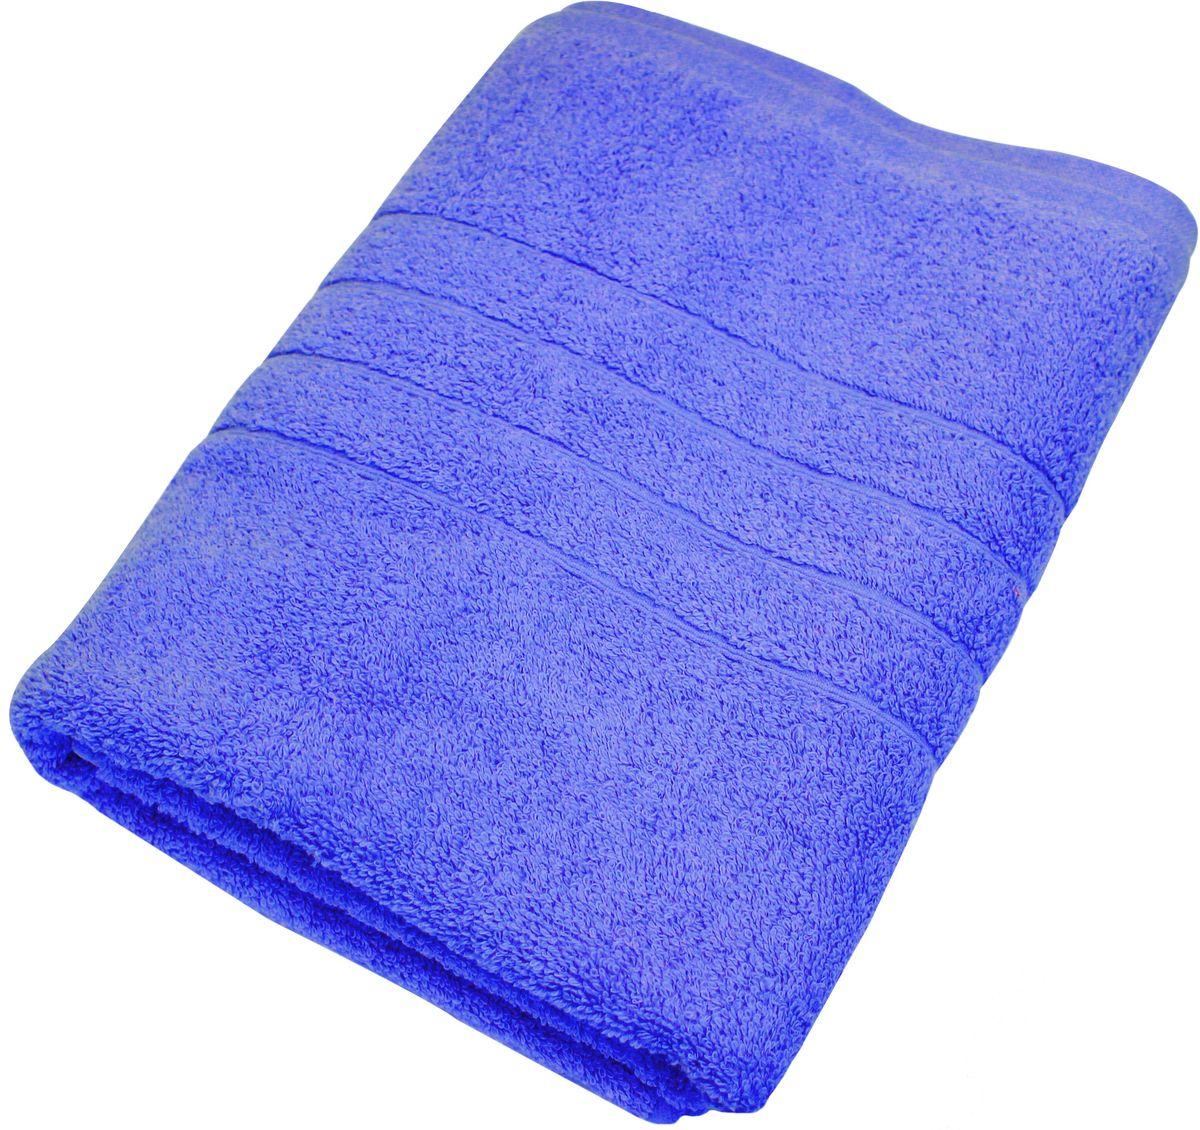 Полотенце Proffi Home Модерн, цвет: синий, 70x140 смPH3275Состав: 100% хлопок.